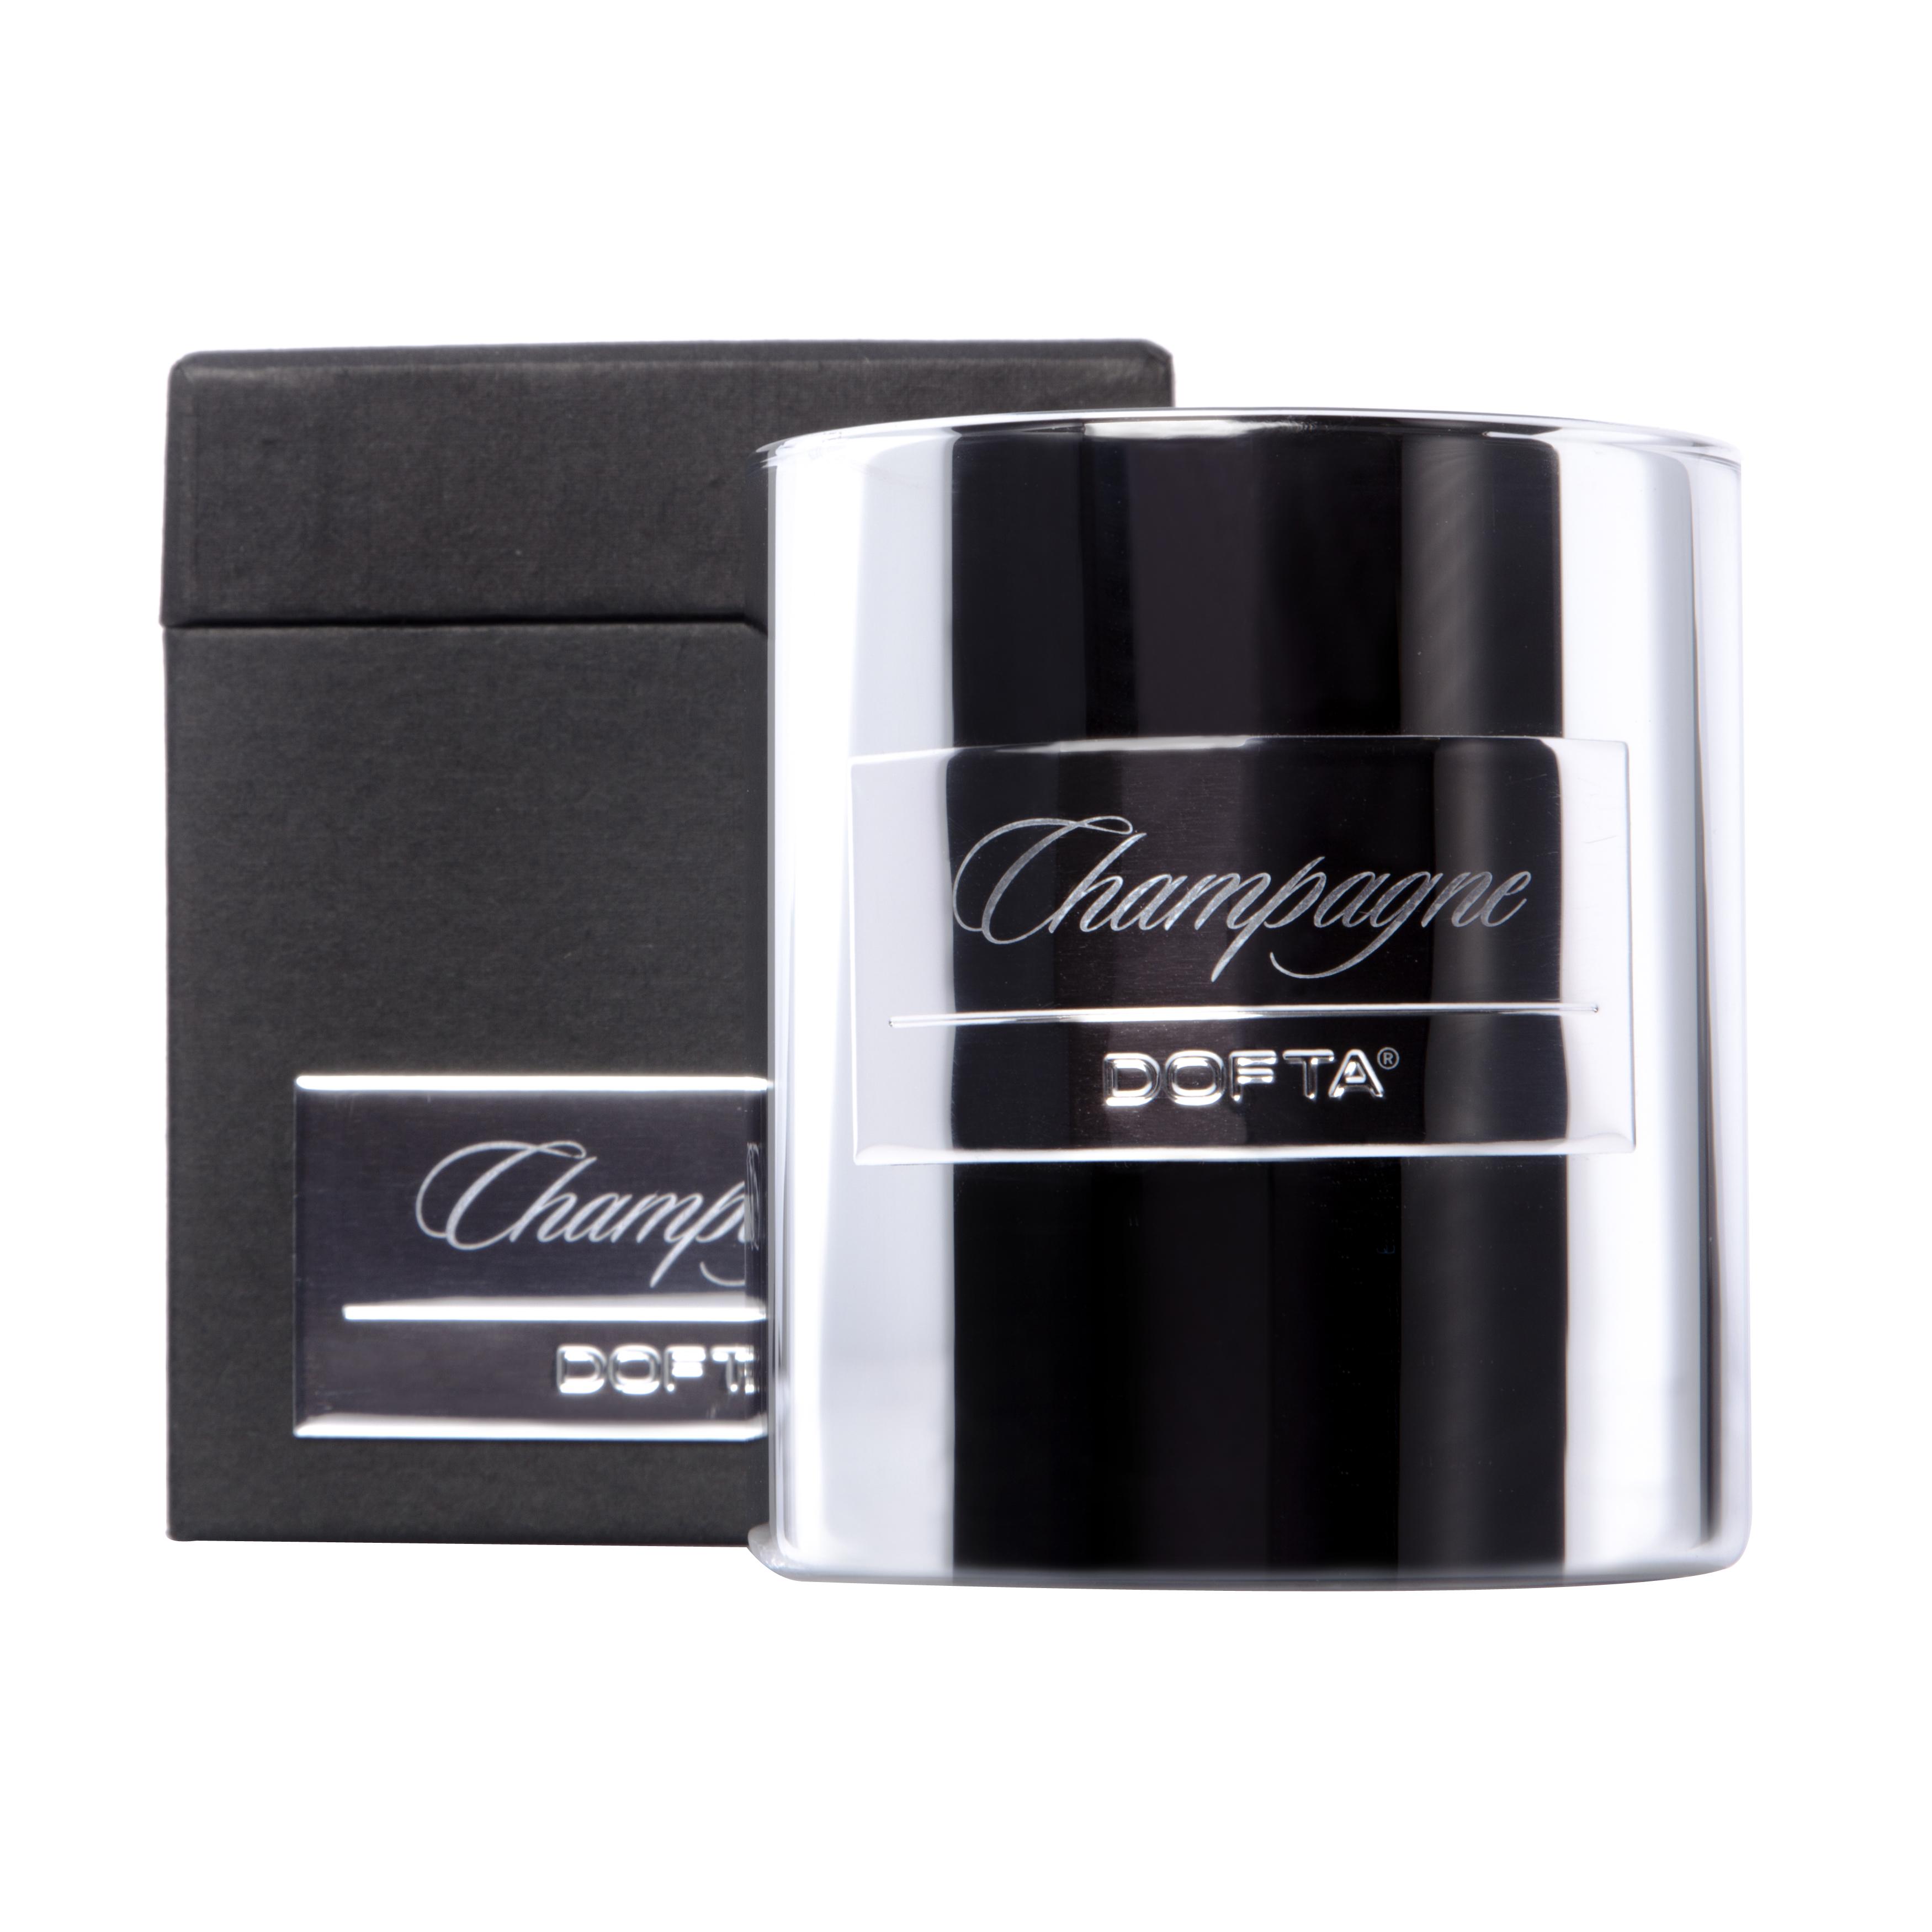 Champagne - Natural Luxury duftlys af naturlig voks